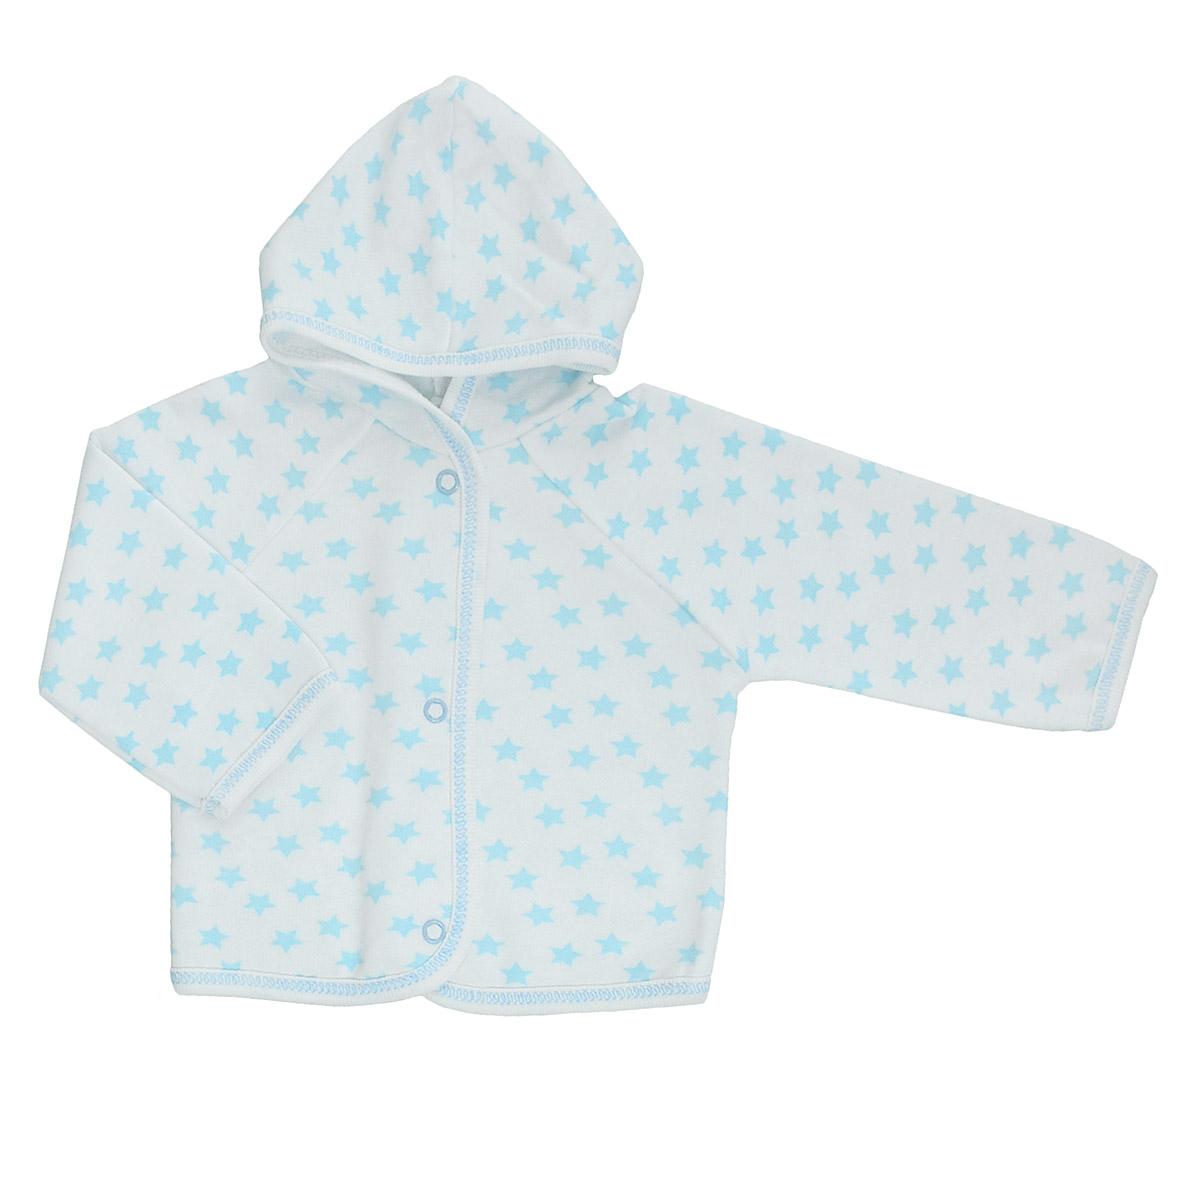 Кофточка детская Трон-плюс, цвет: белый, голубой, рисунок звезды. 5172. Размер 80, 12 месяцев5172Теплая кофточка Трон-плюс идеально подойдет вашему младенцу и станет идеальным дополнением к гардеробу вашего ребенка, обеспечивая ему наибольший комфорт. Изготовленная из футера - натурального хлопка, она необычайно мягкая и легкая, не раздражает нежную кожу ребенка и хорошо вентилируется, а эластичные швы приятны телу малыша и не препятствуют его движениям. Удобные застежки-кнопки по всей длине помогают легко переодеть младенца. Модель с длинными рукавами-реглан дополнена капюшоном. По краям кофточка обработана бейкой и украшена оригинальным принтом.Кофточка полностью соответствует особенностям жизни ребенка в ранний период, не стесняя и не ограничивая его в движениях.